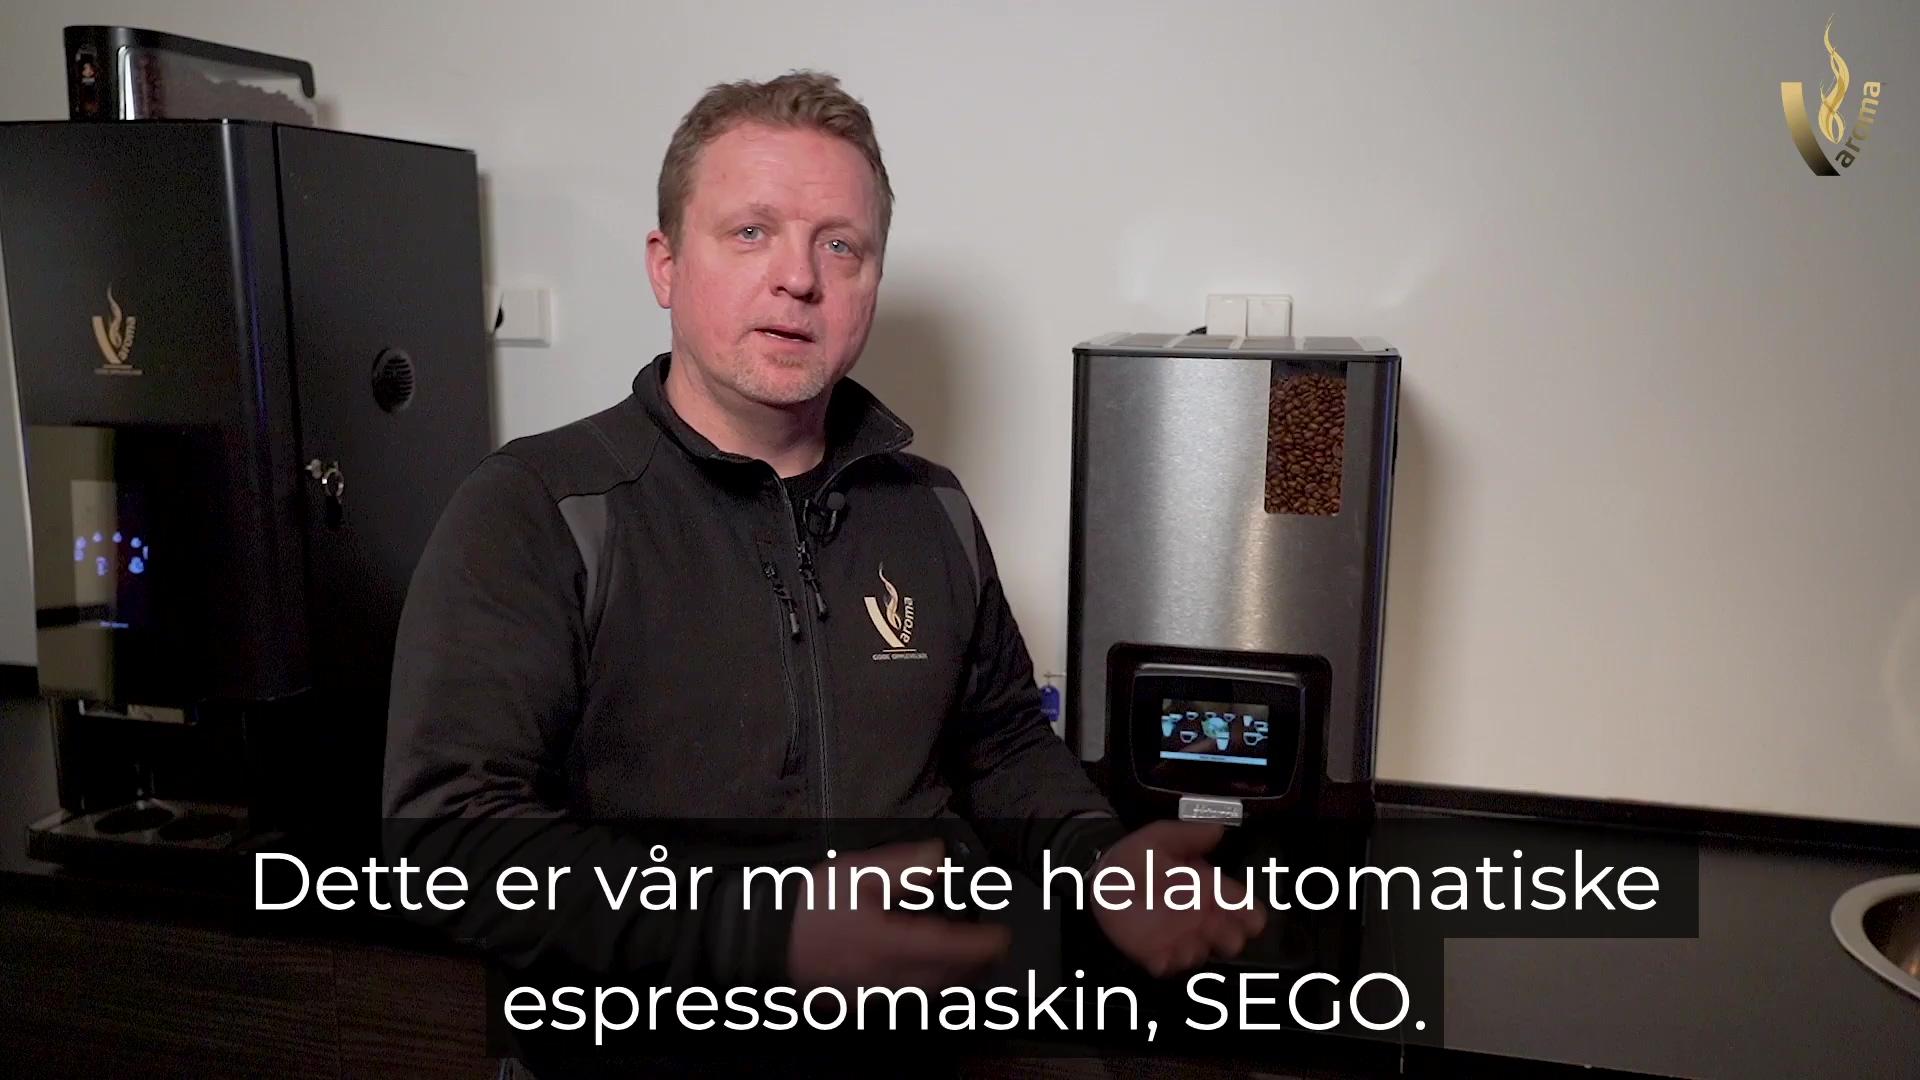 Sego_v3utentittel